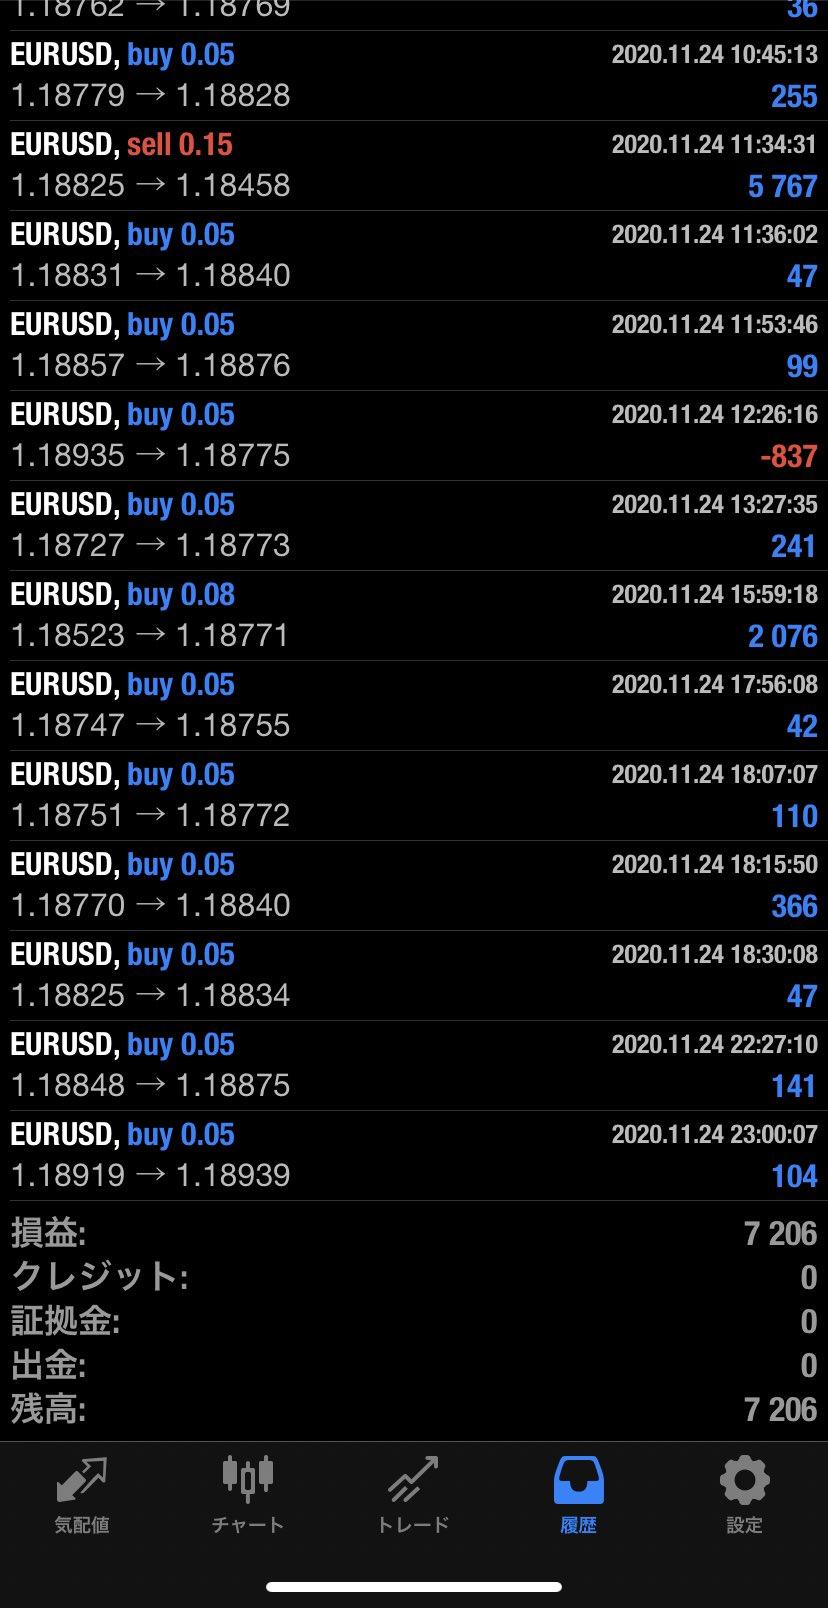 2020年11月24日 EUR/USDバージョン7,206円